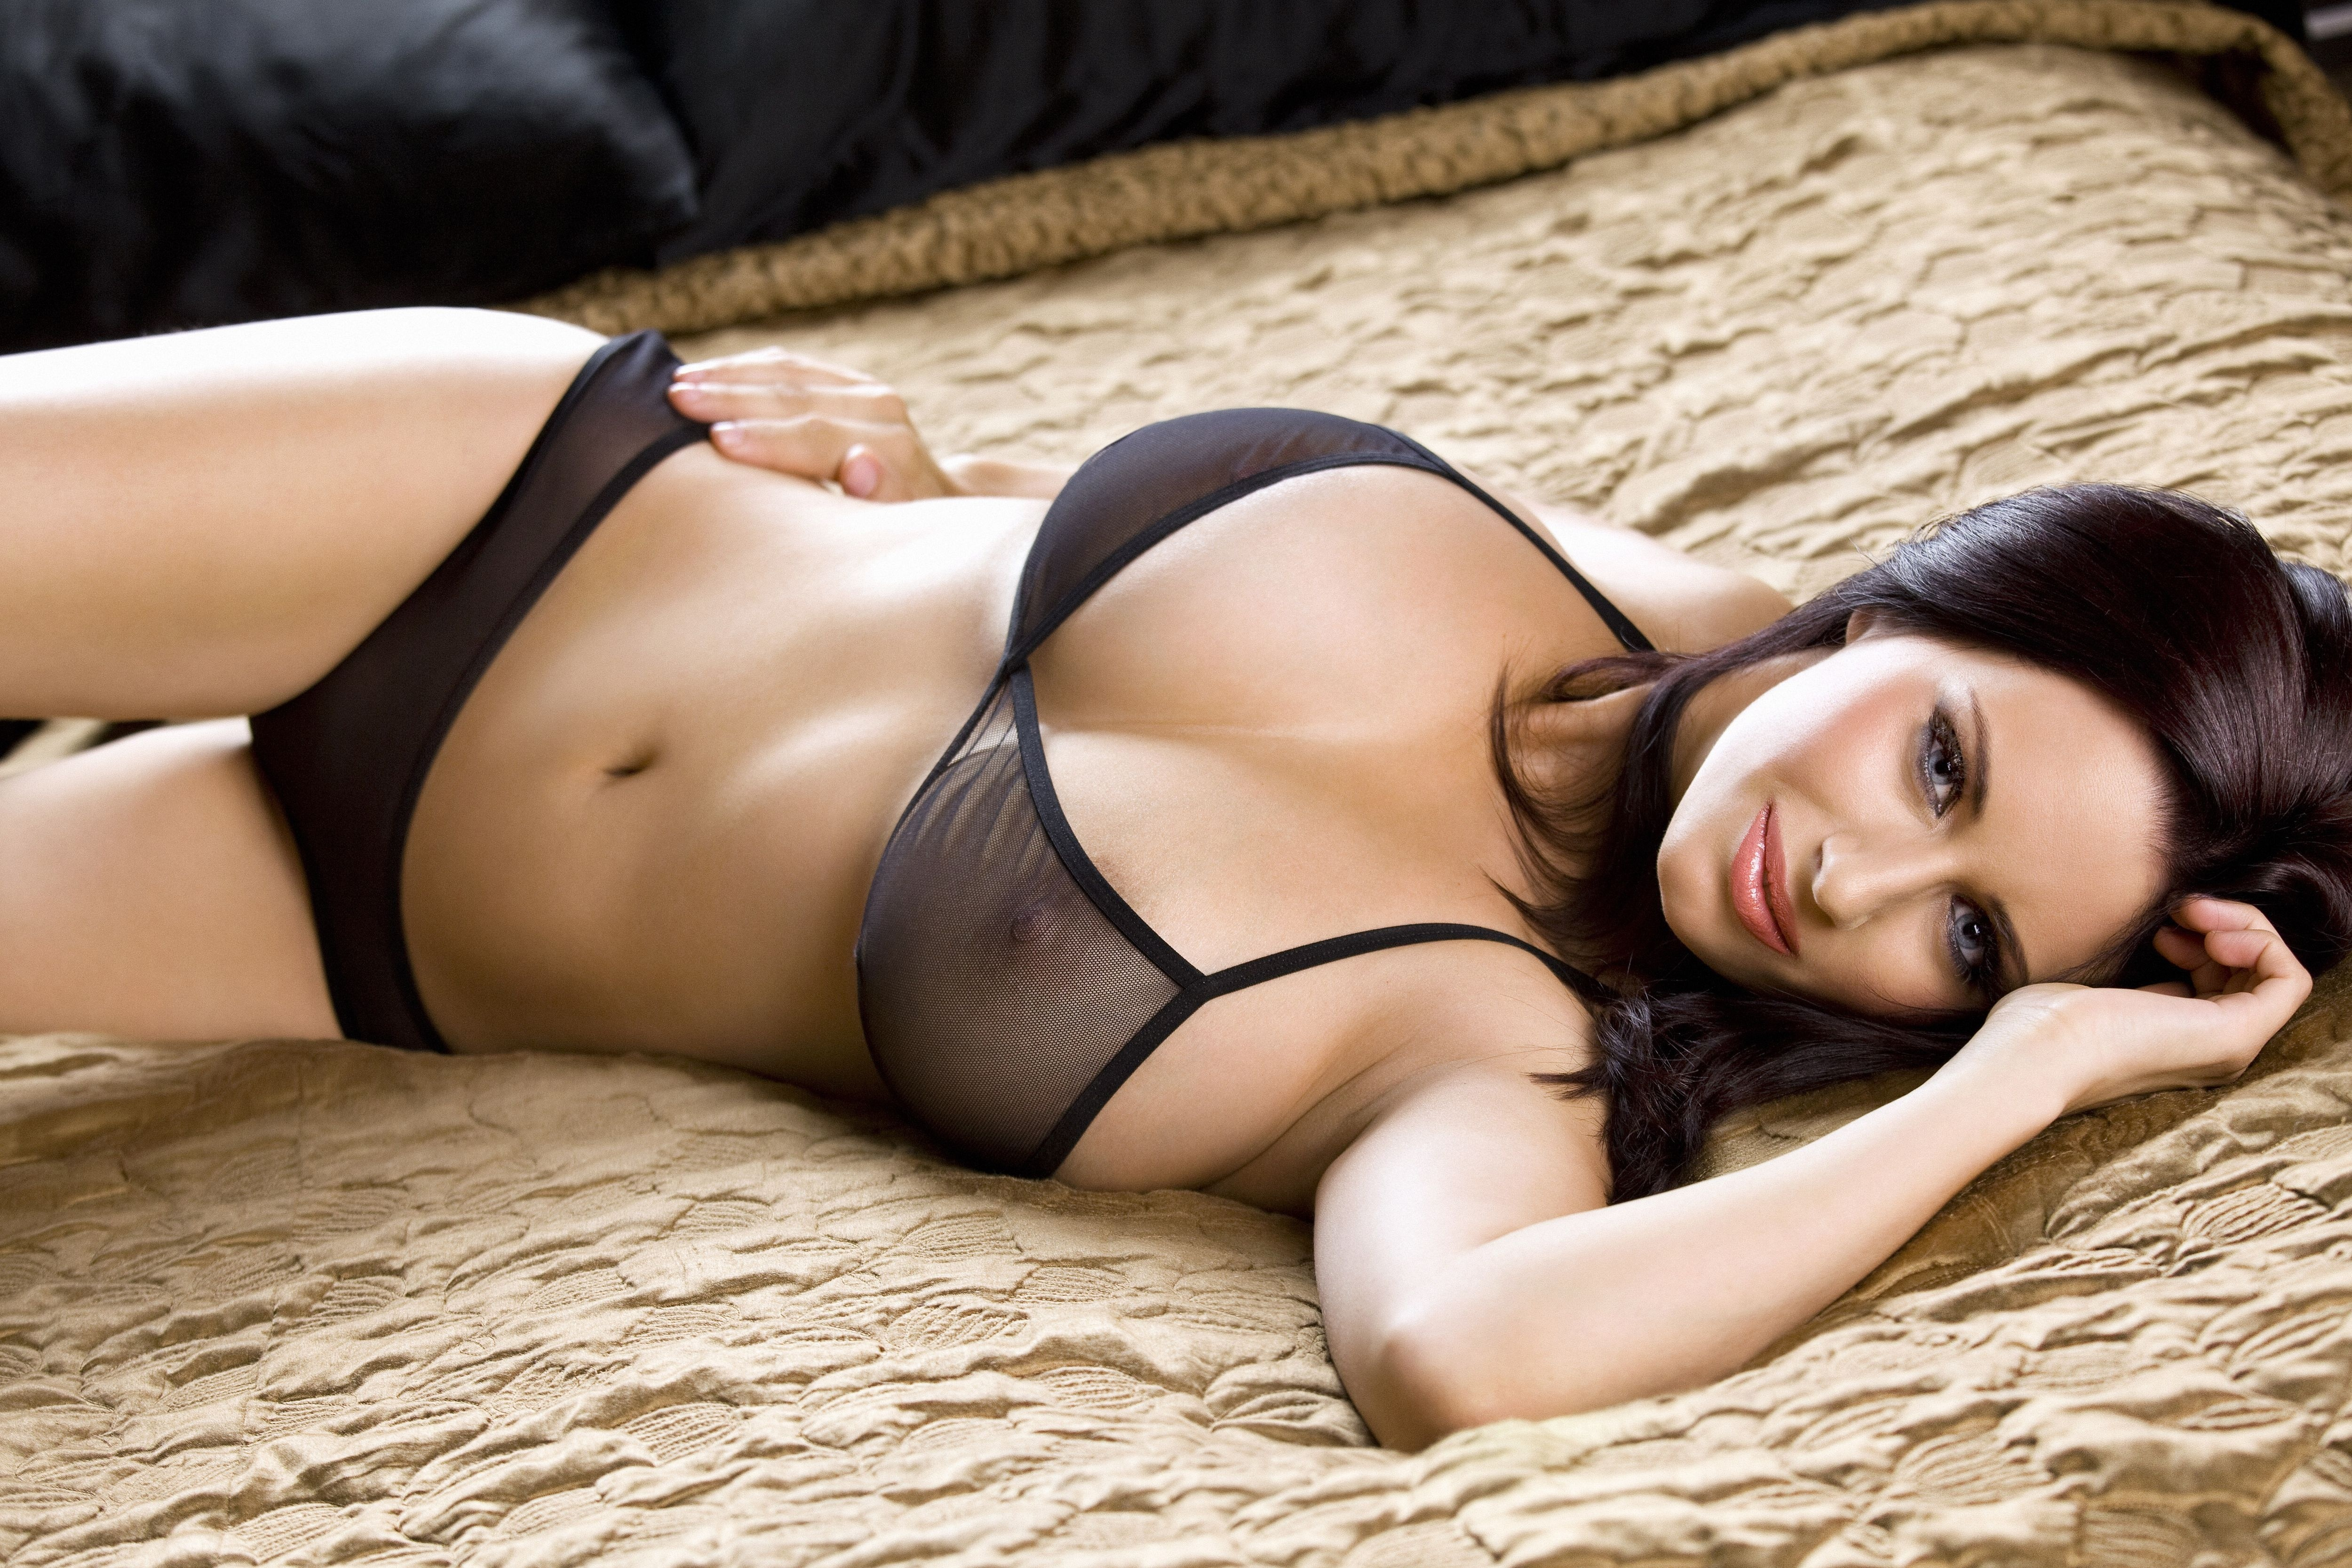 Секс подборка с красивыми девушками 11 фотография